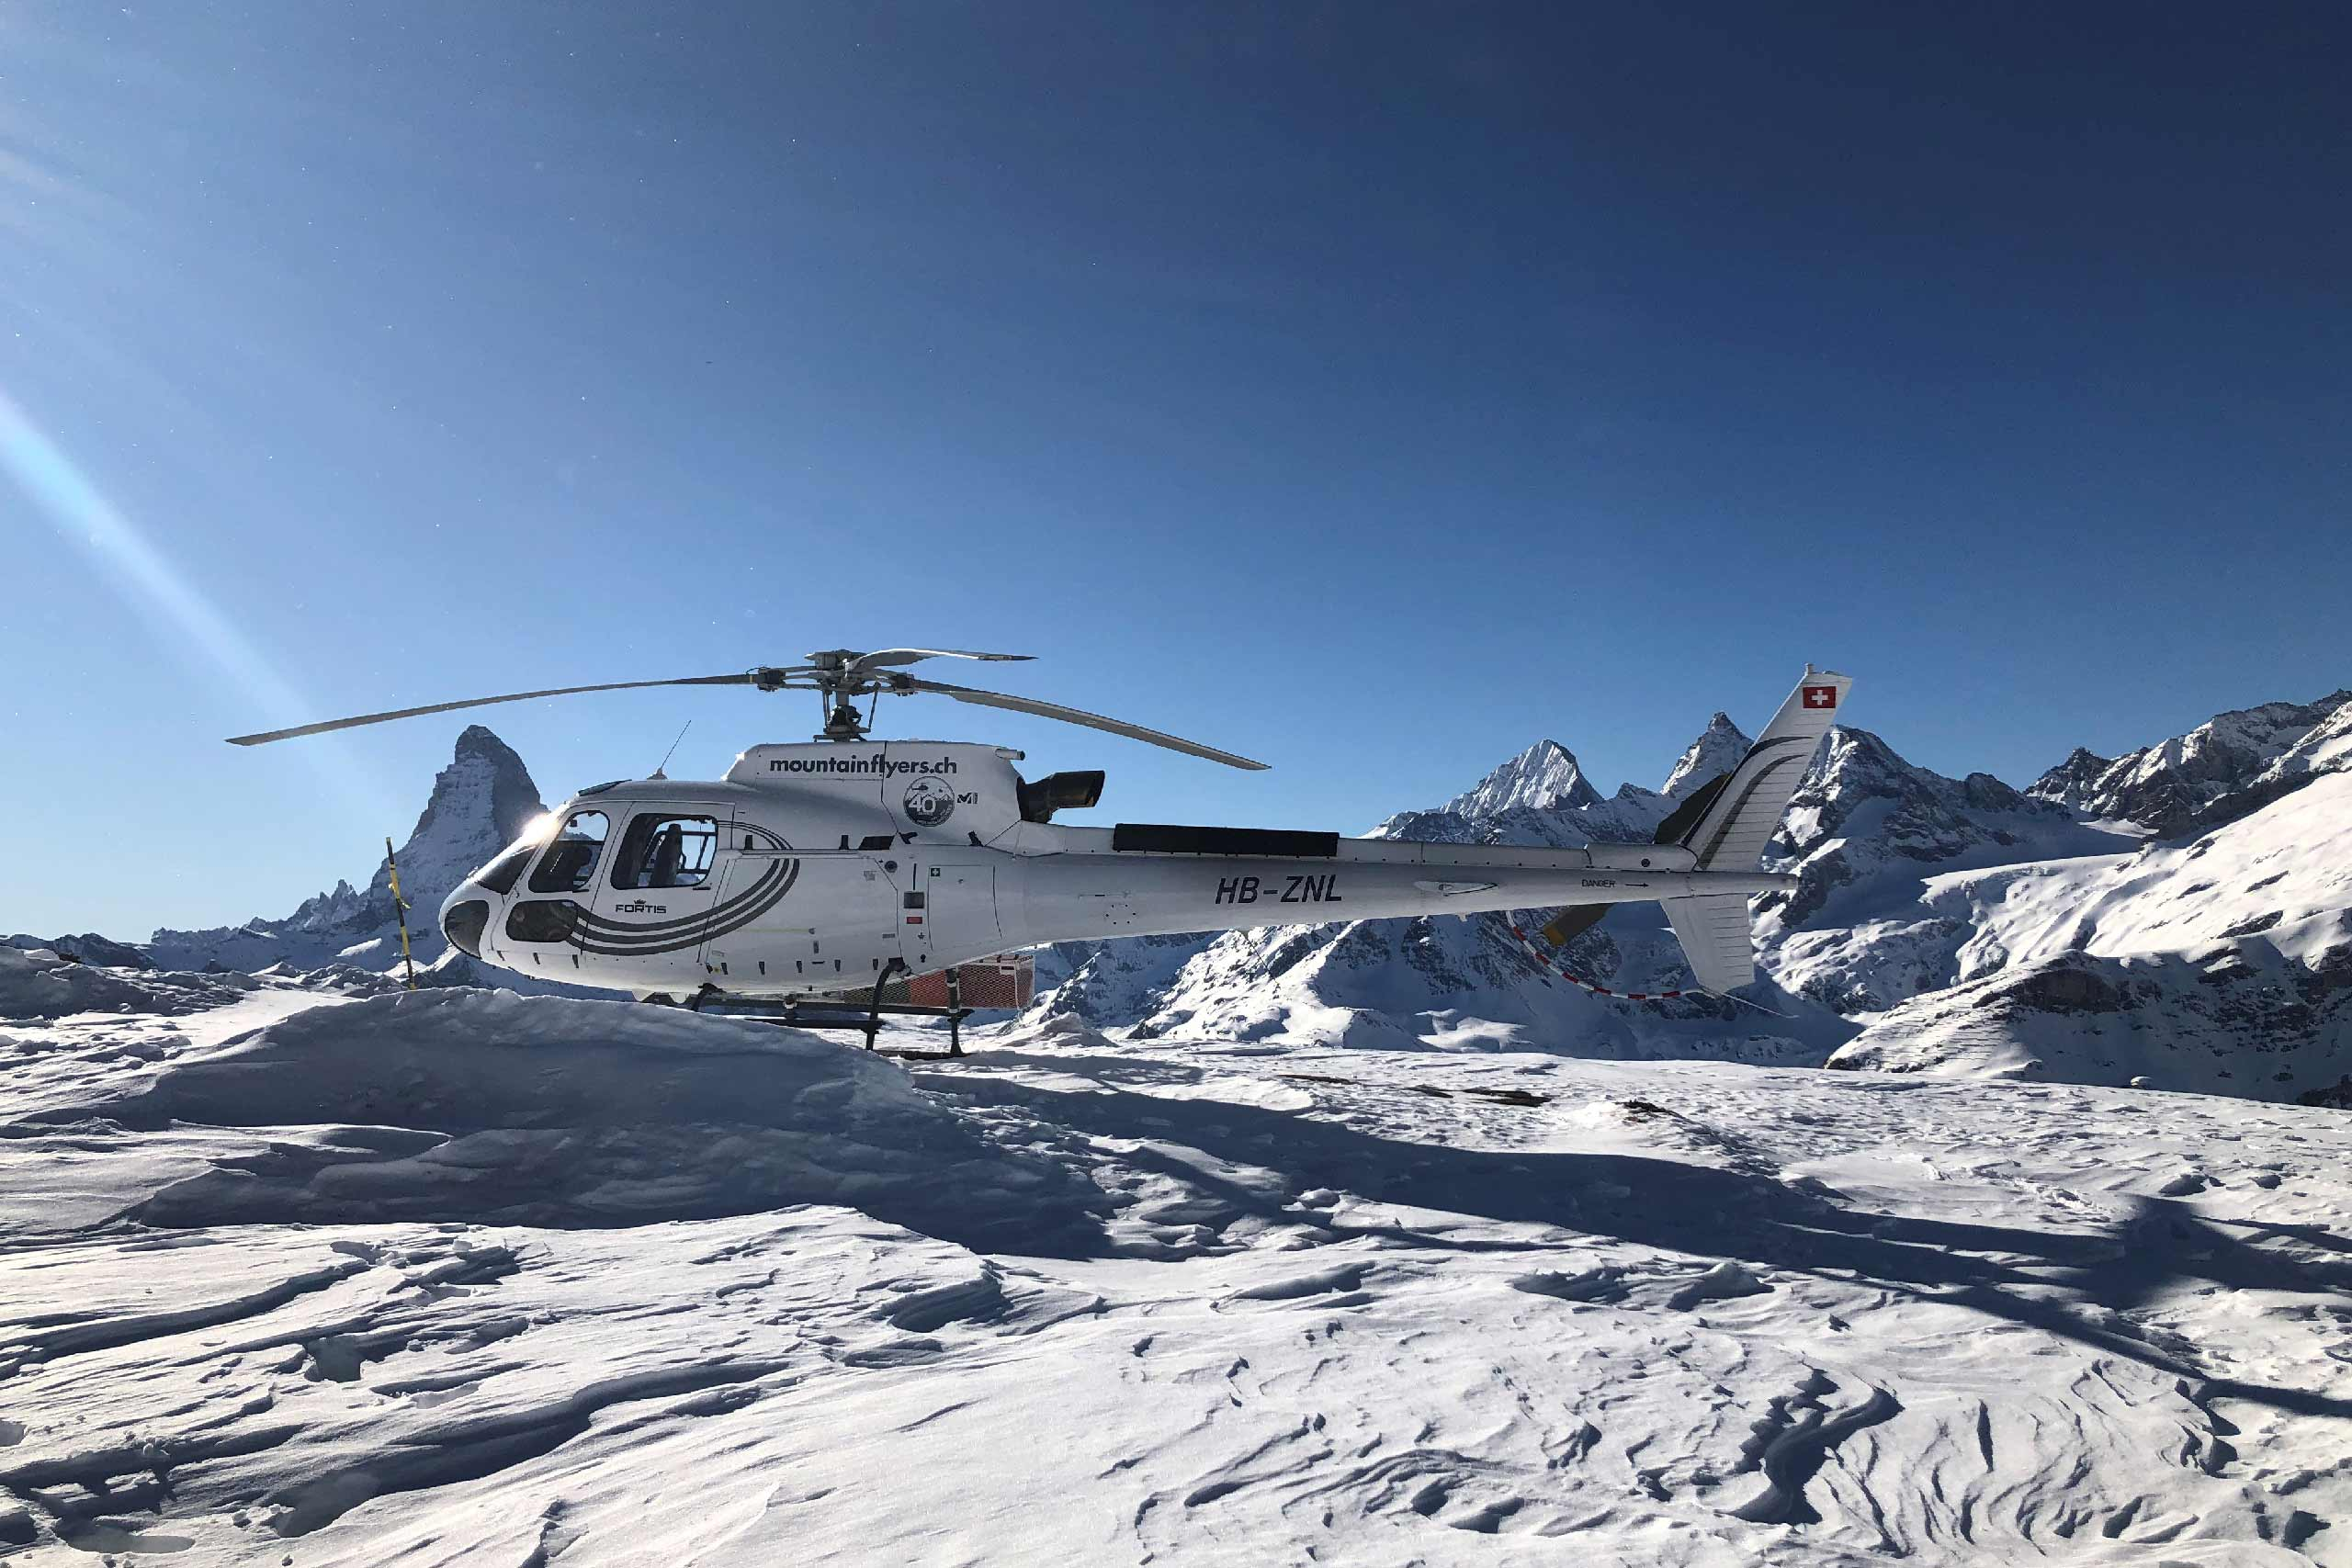 mountainflyer-helikopter-rundfluege-schnee-matterhorn.jpg